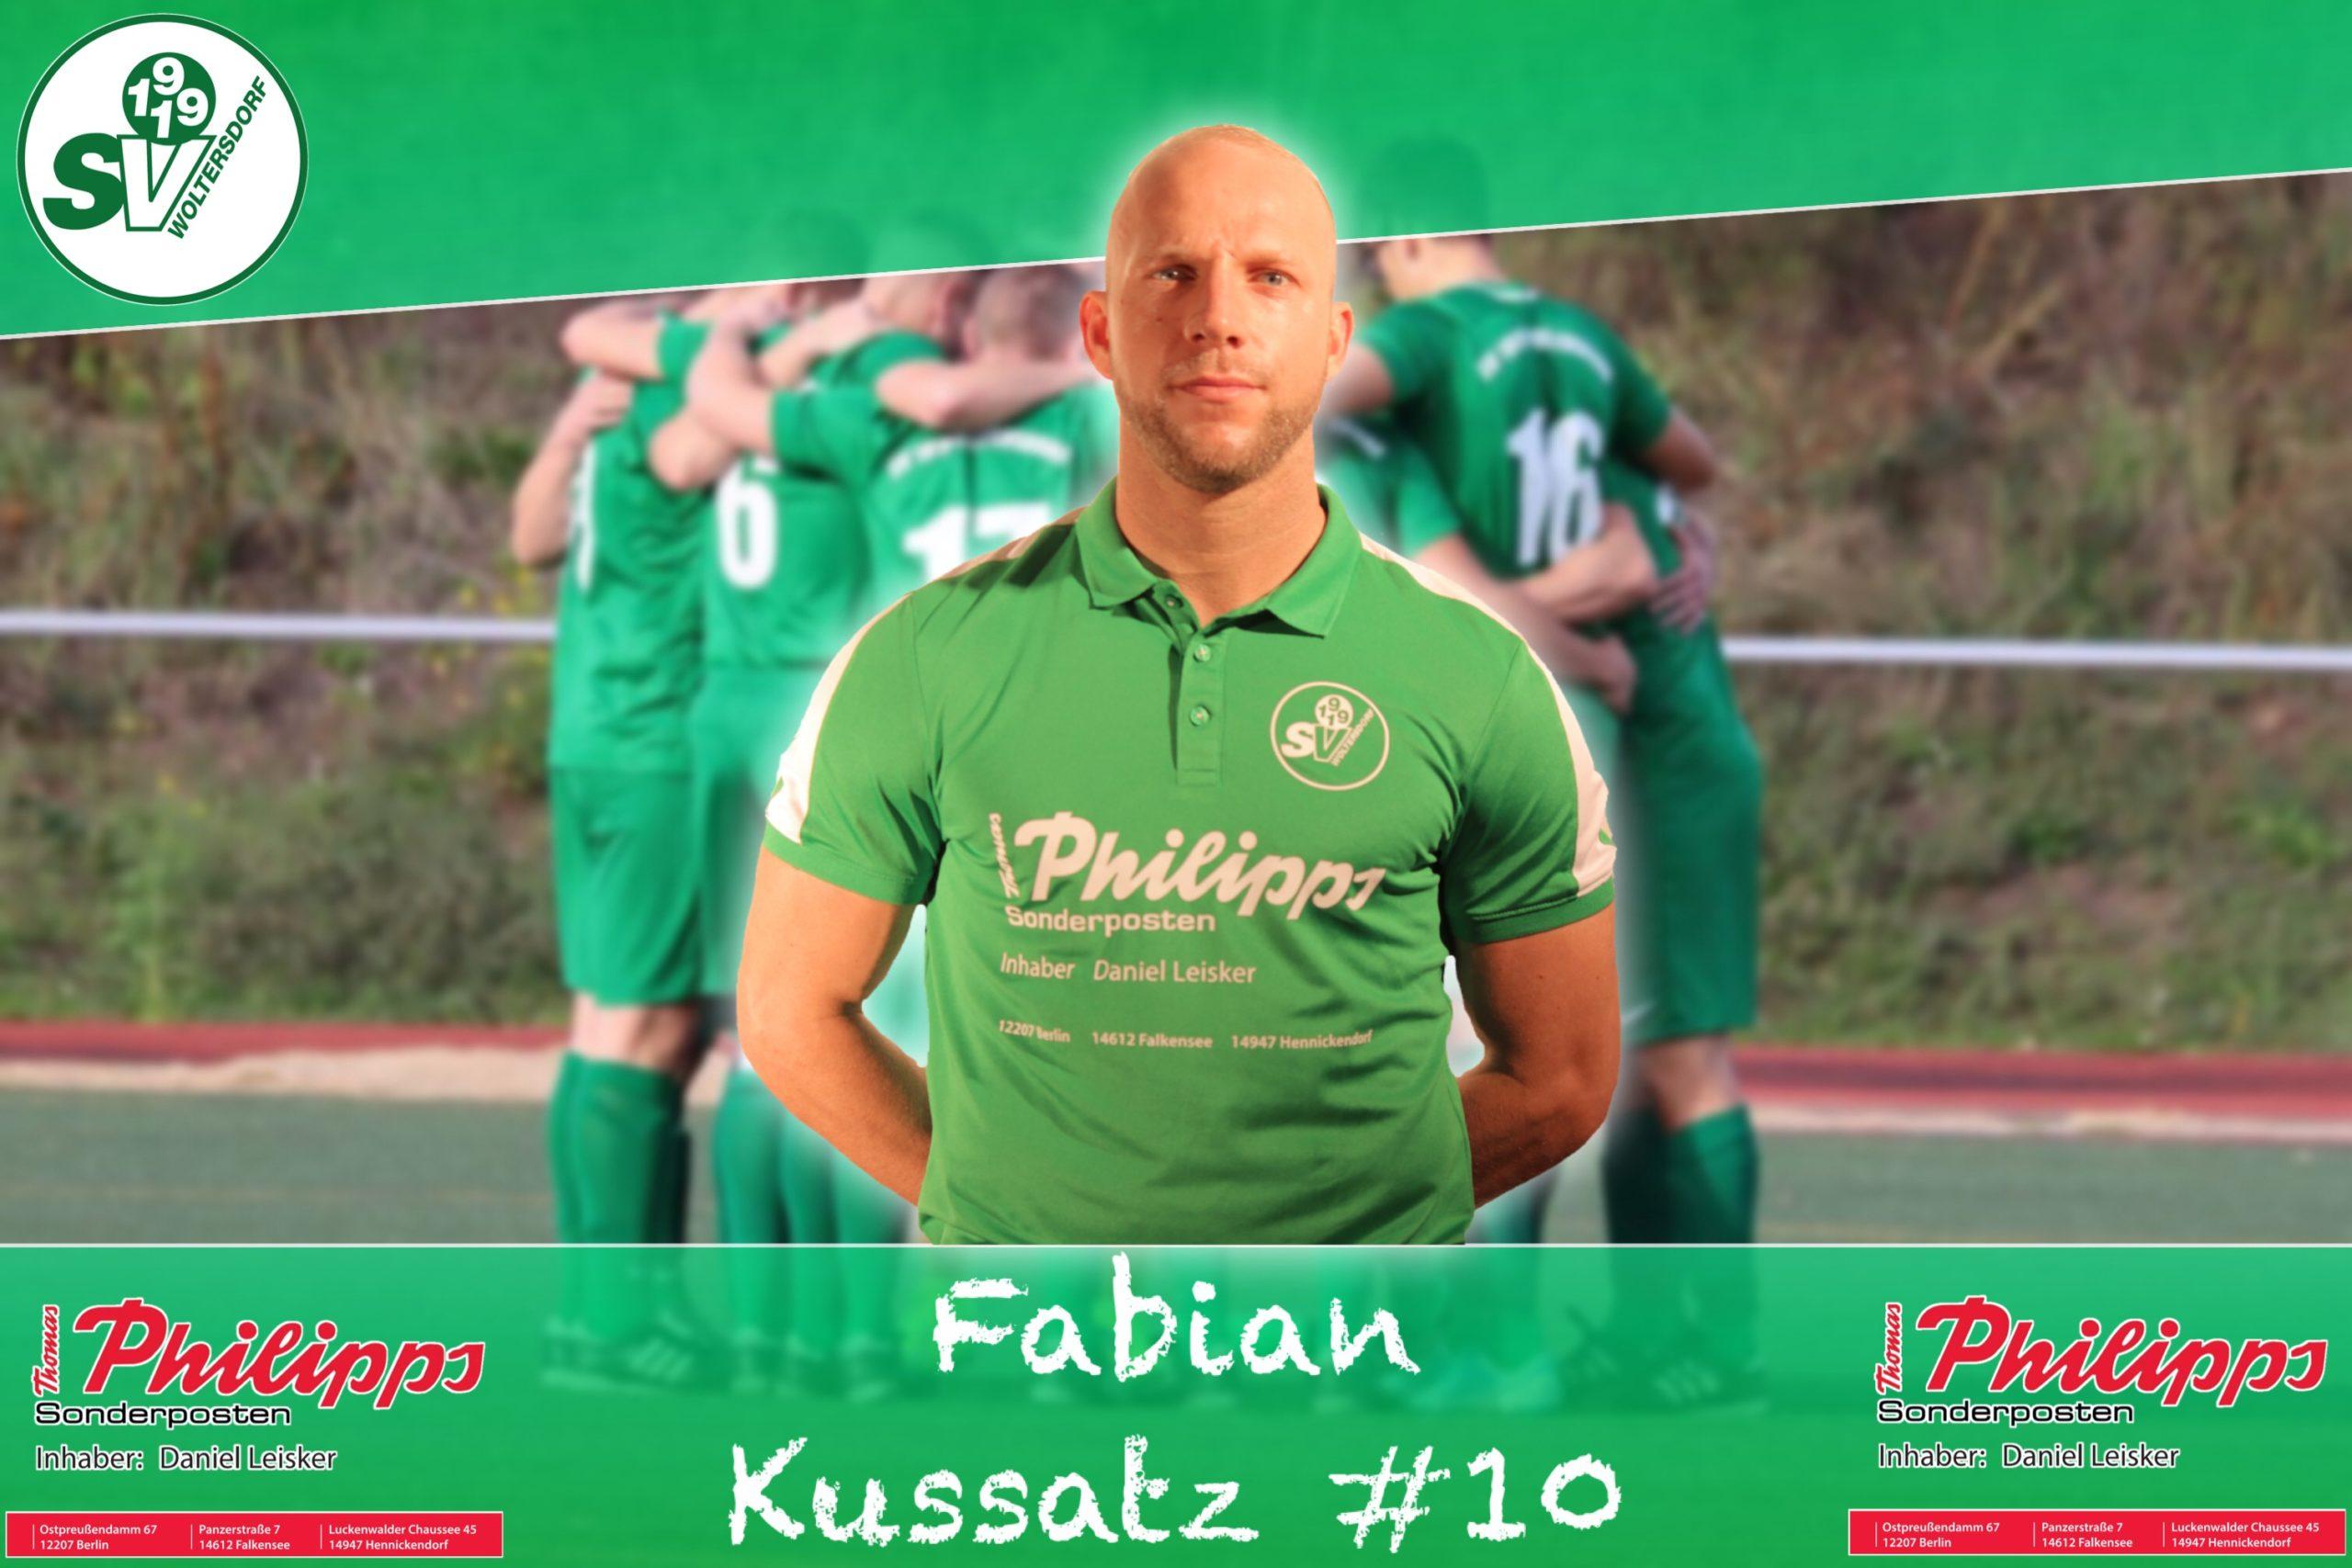 Fabian Kussatz